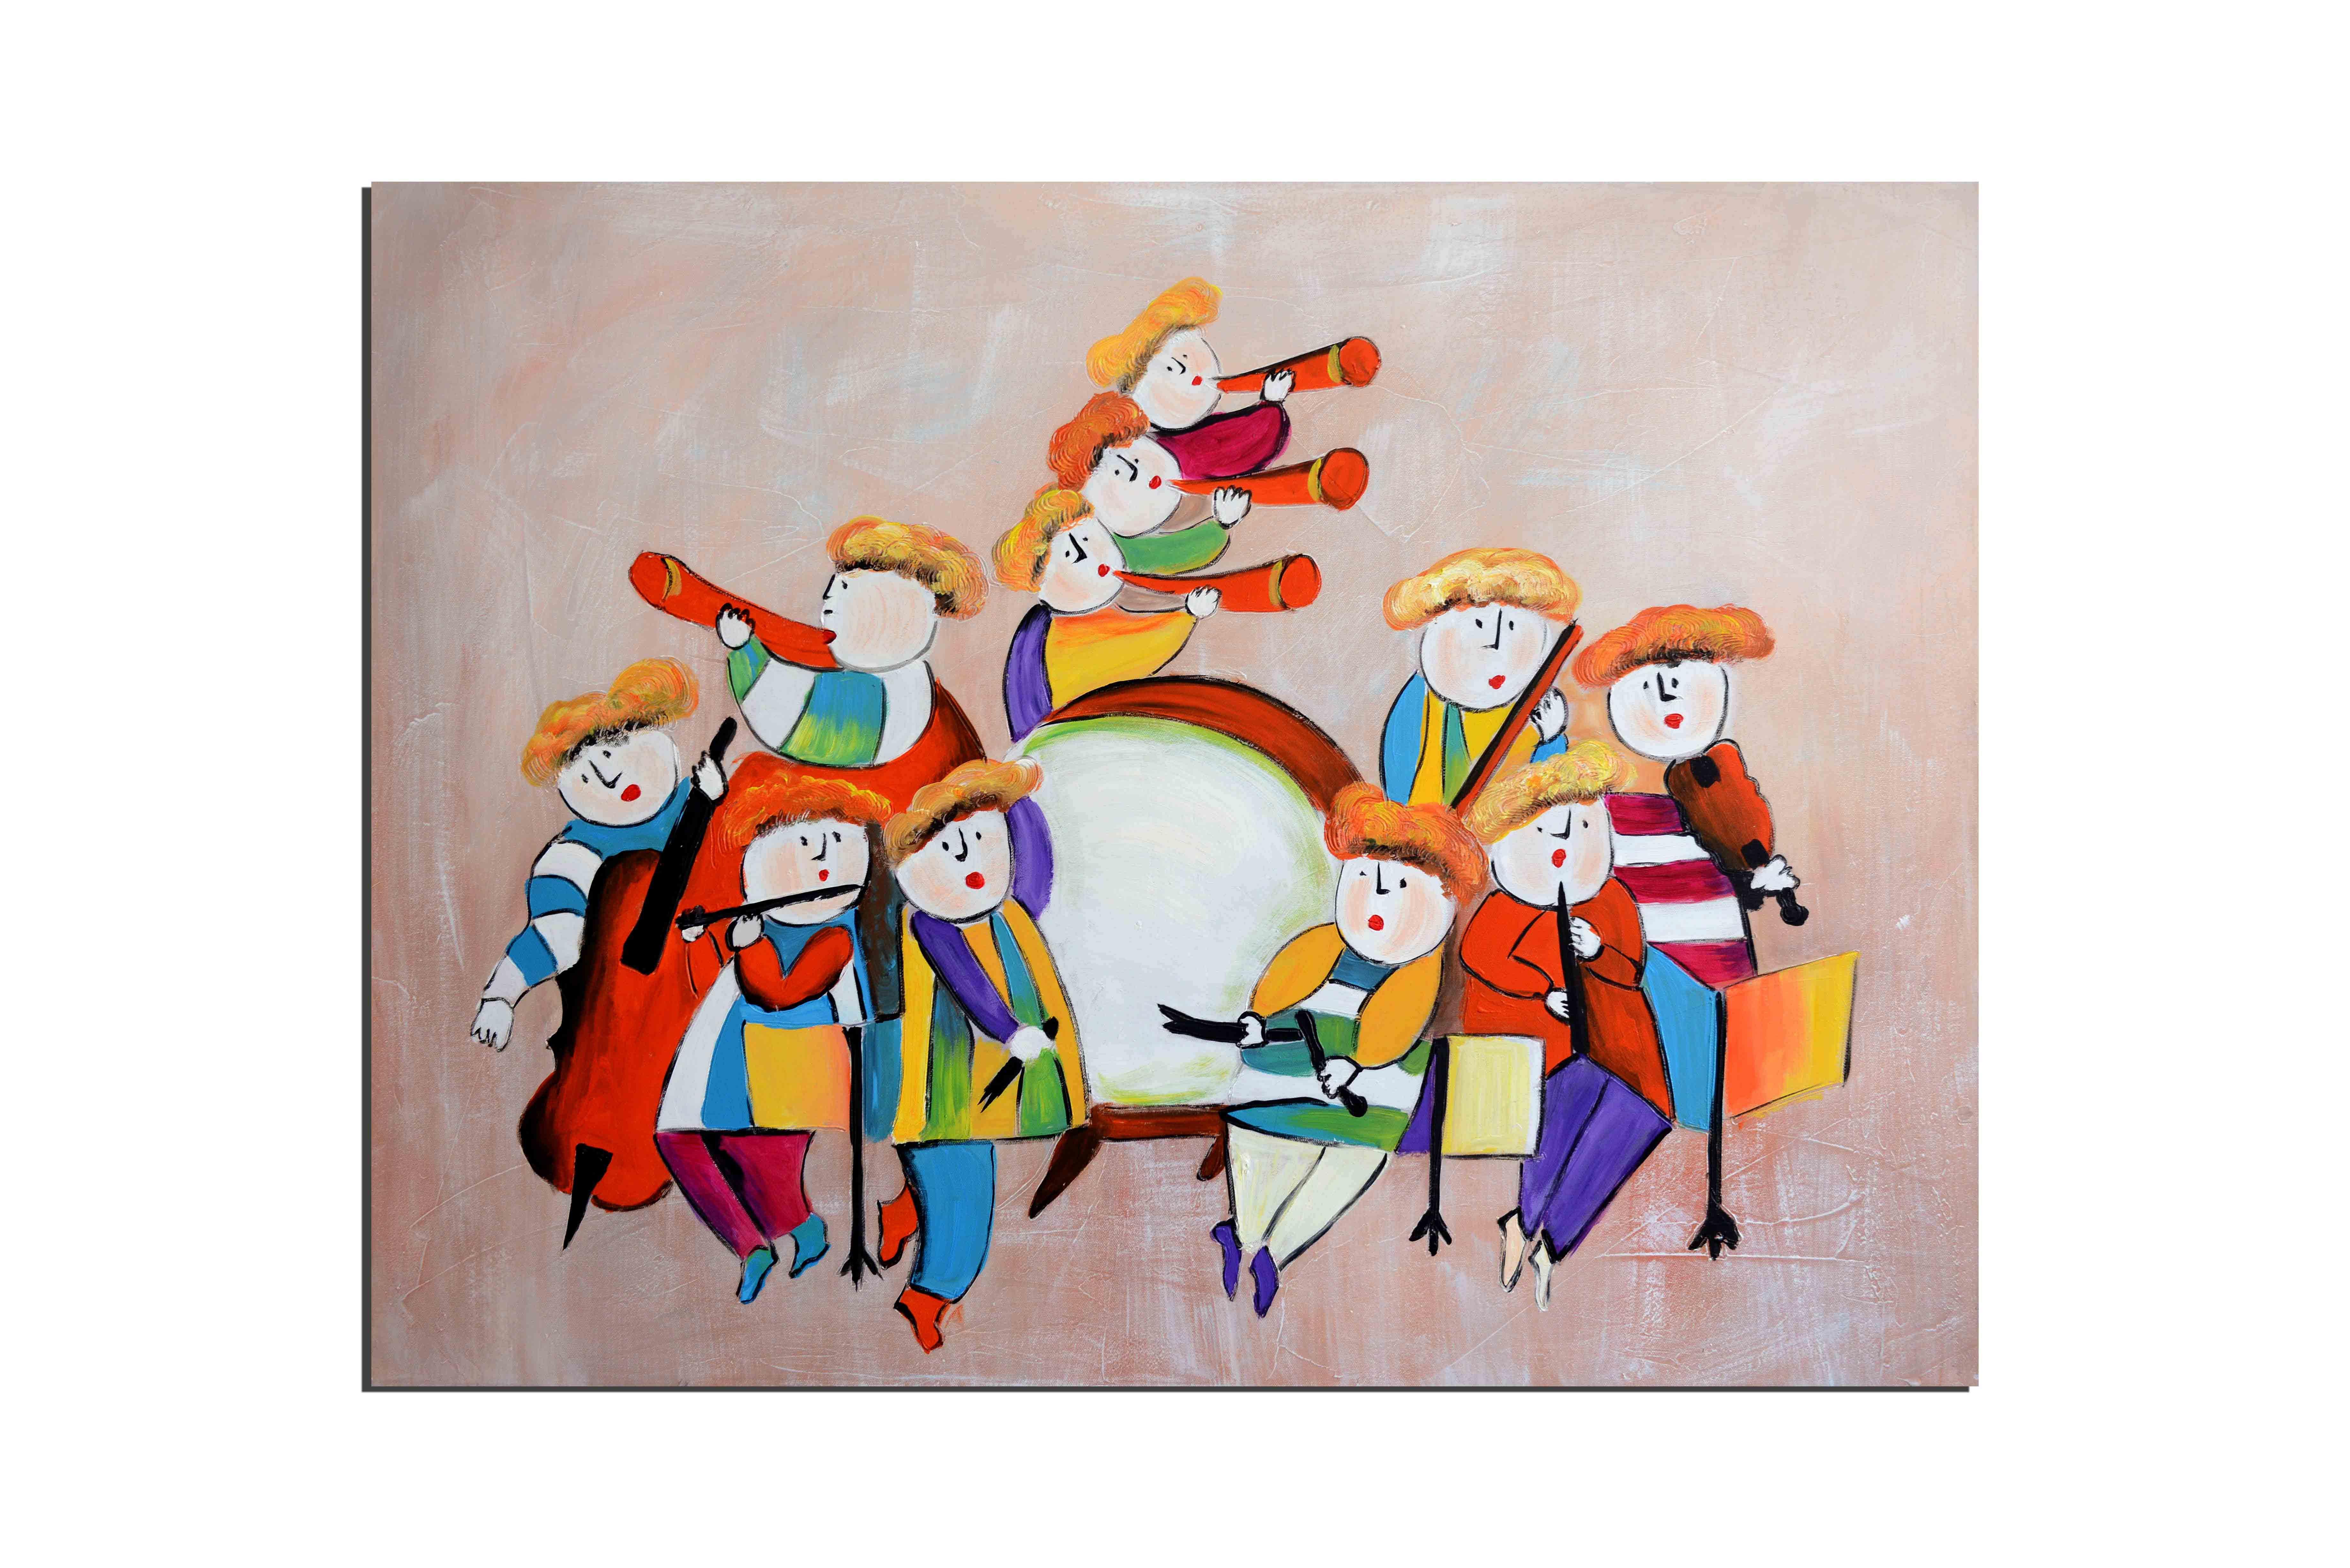 Décoration Chambre D'enfant Decoration Tableau Pas Cher Prix Tableau  Peinture Contemporain tout Tableau De Peinture Pour Enfant